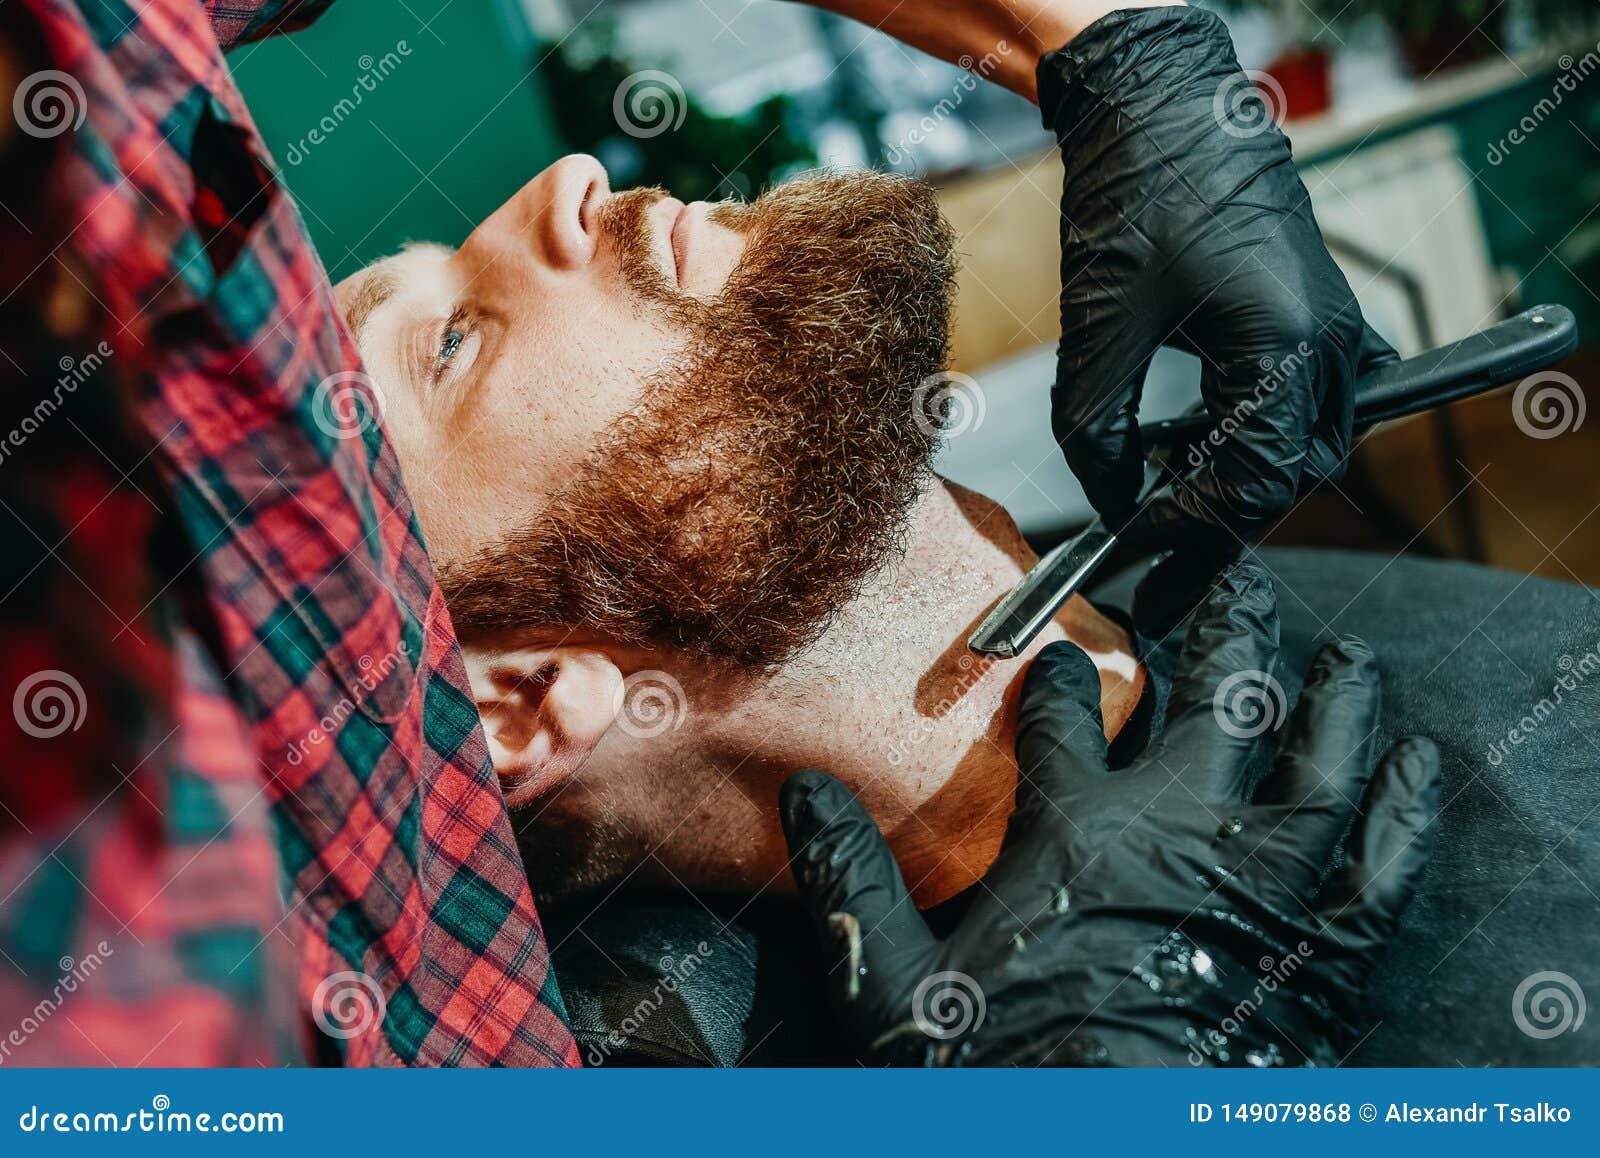 Il barbiere rade la sua barba con un uomo con un rasoio